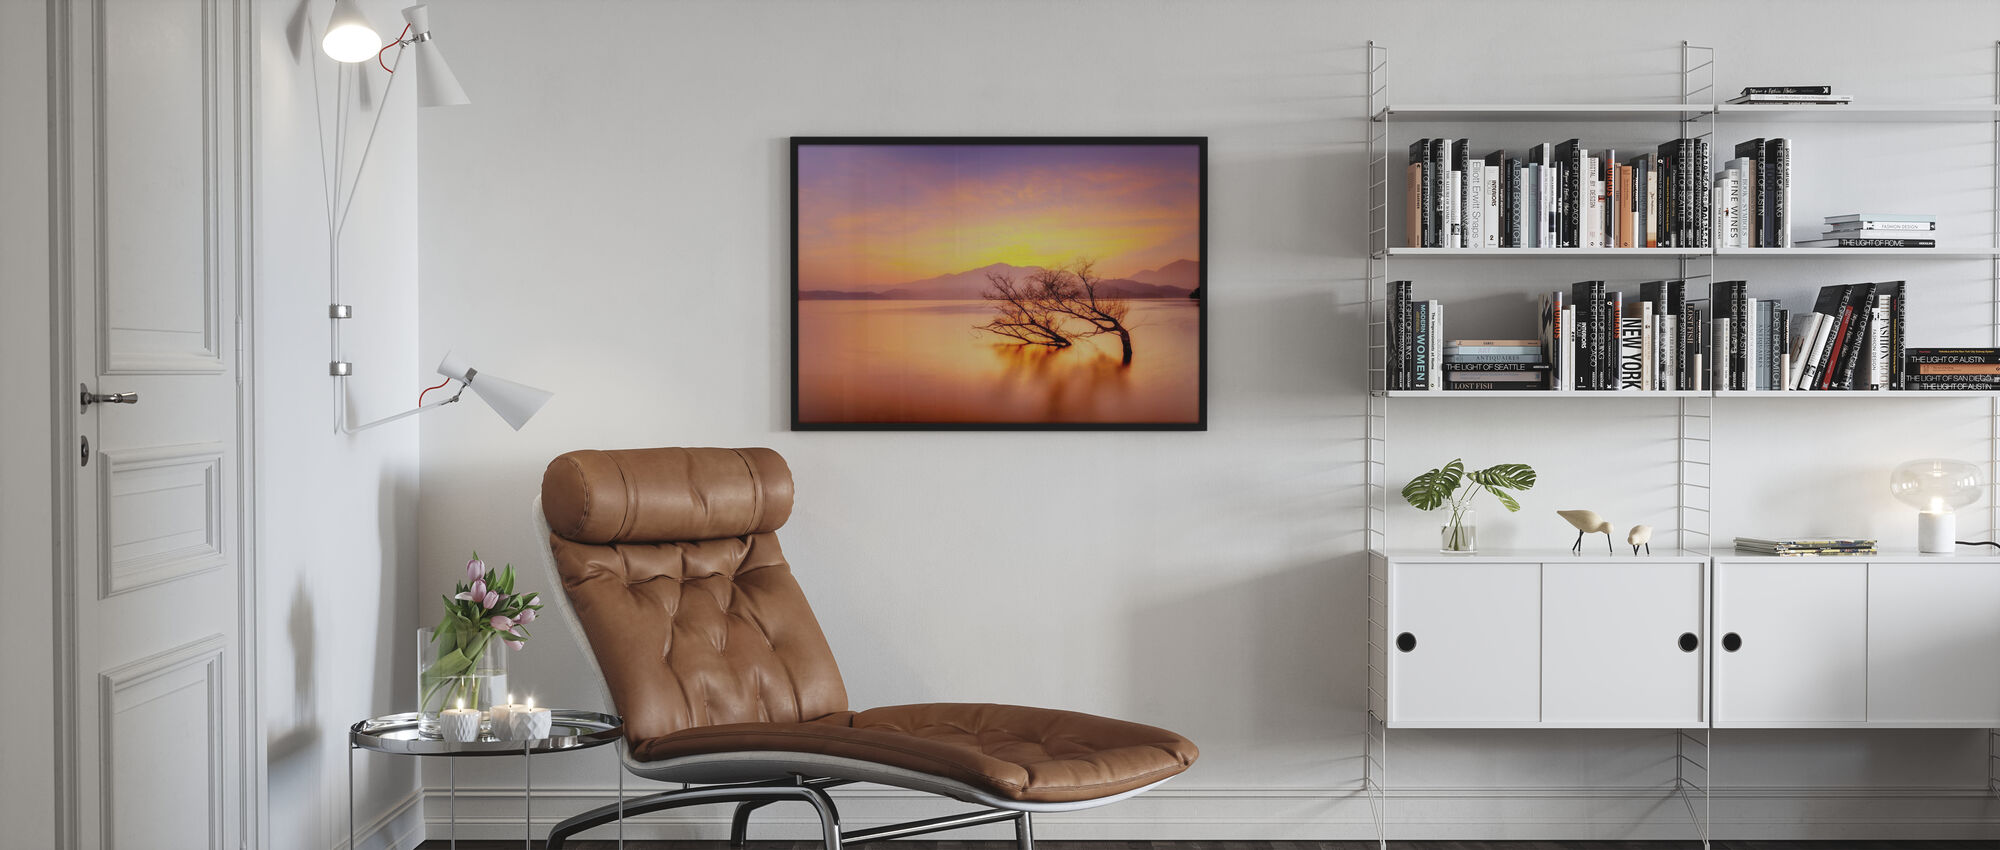 Rosy Sunset over Lake - Framed print - Living Room